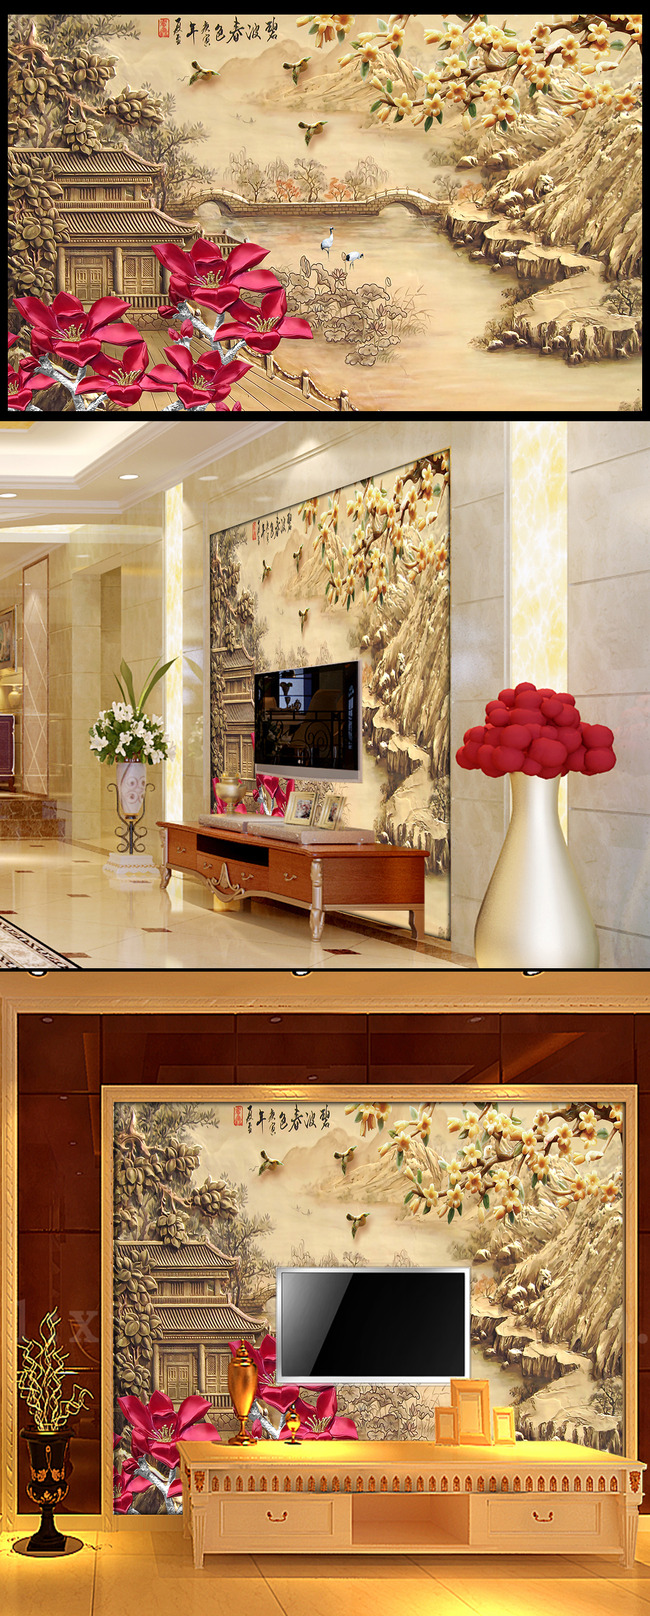 立体 3d 室内装饰壁画 手绘壁画 壁画背景墙 房间壁画 家庭壁画